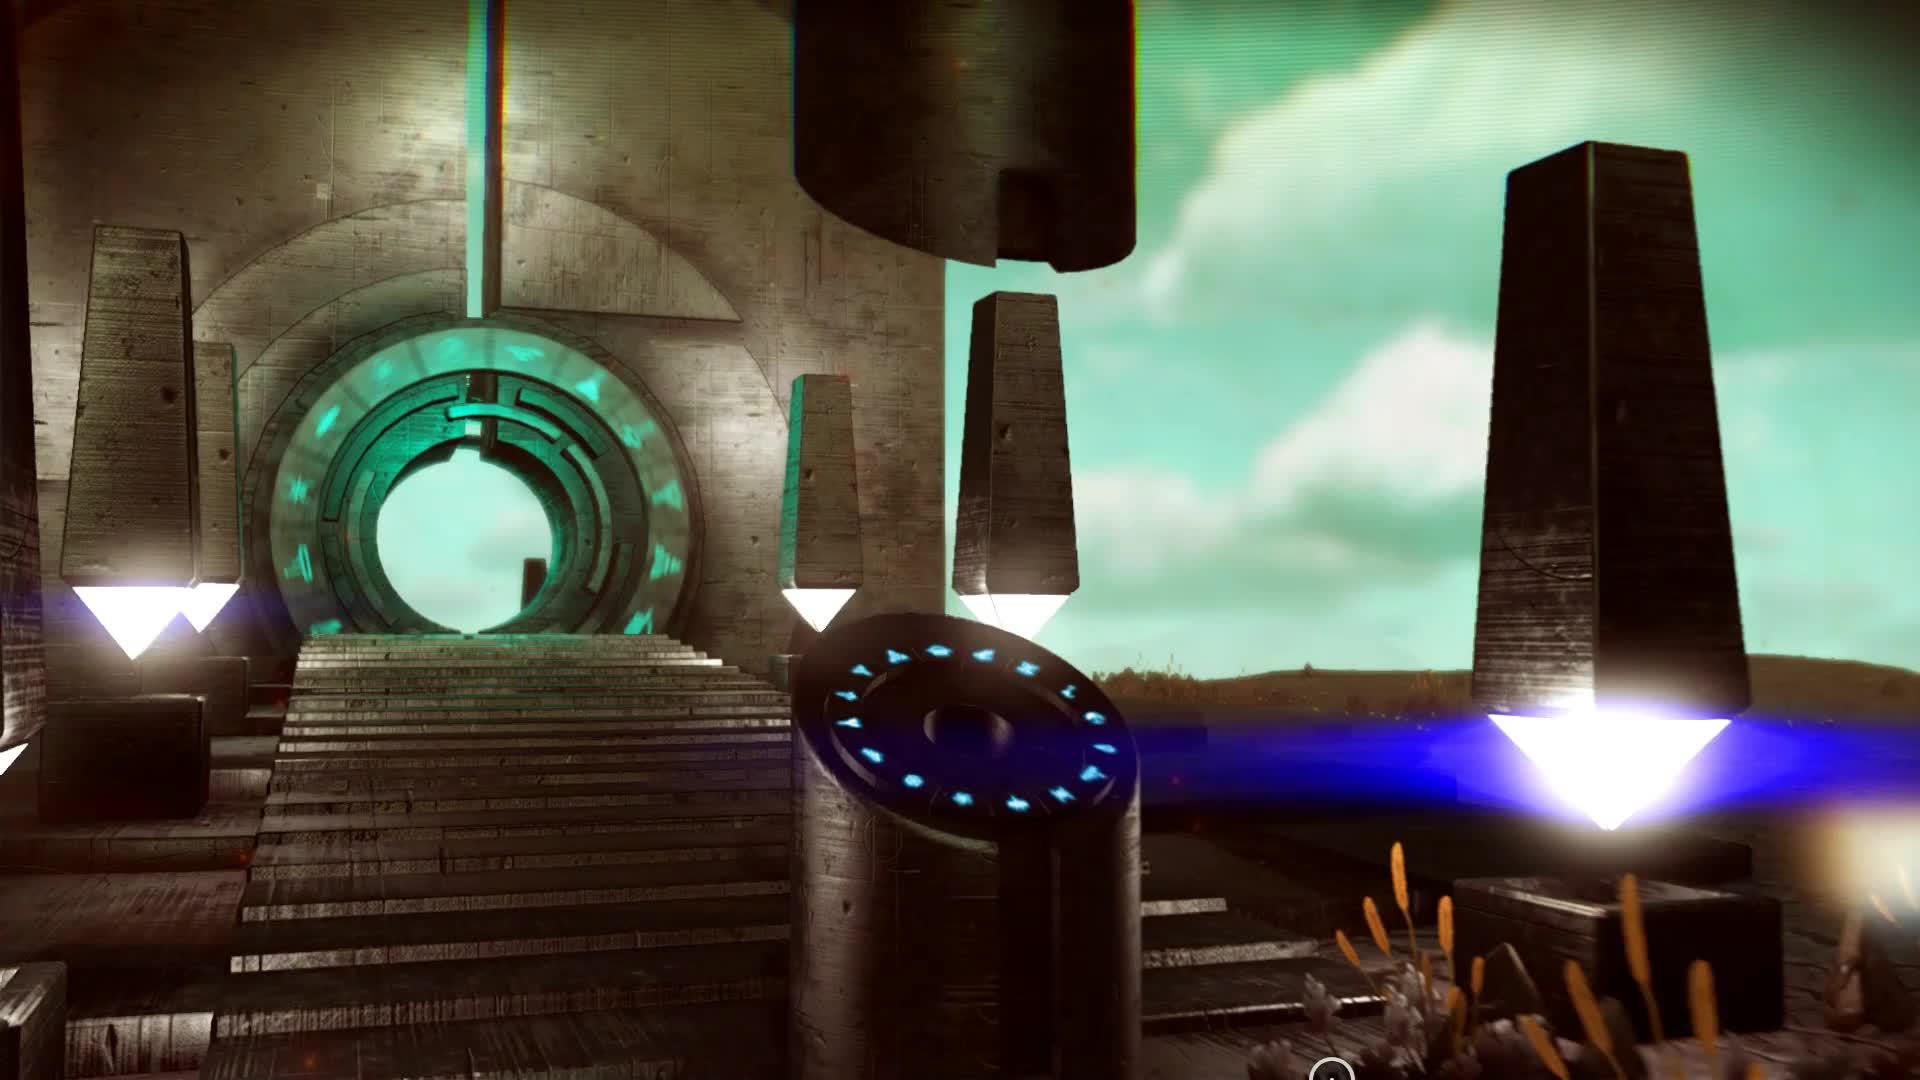 Stargate GIFs